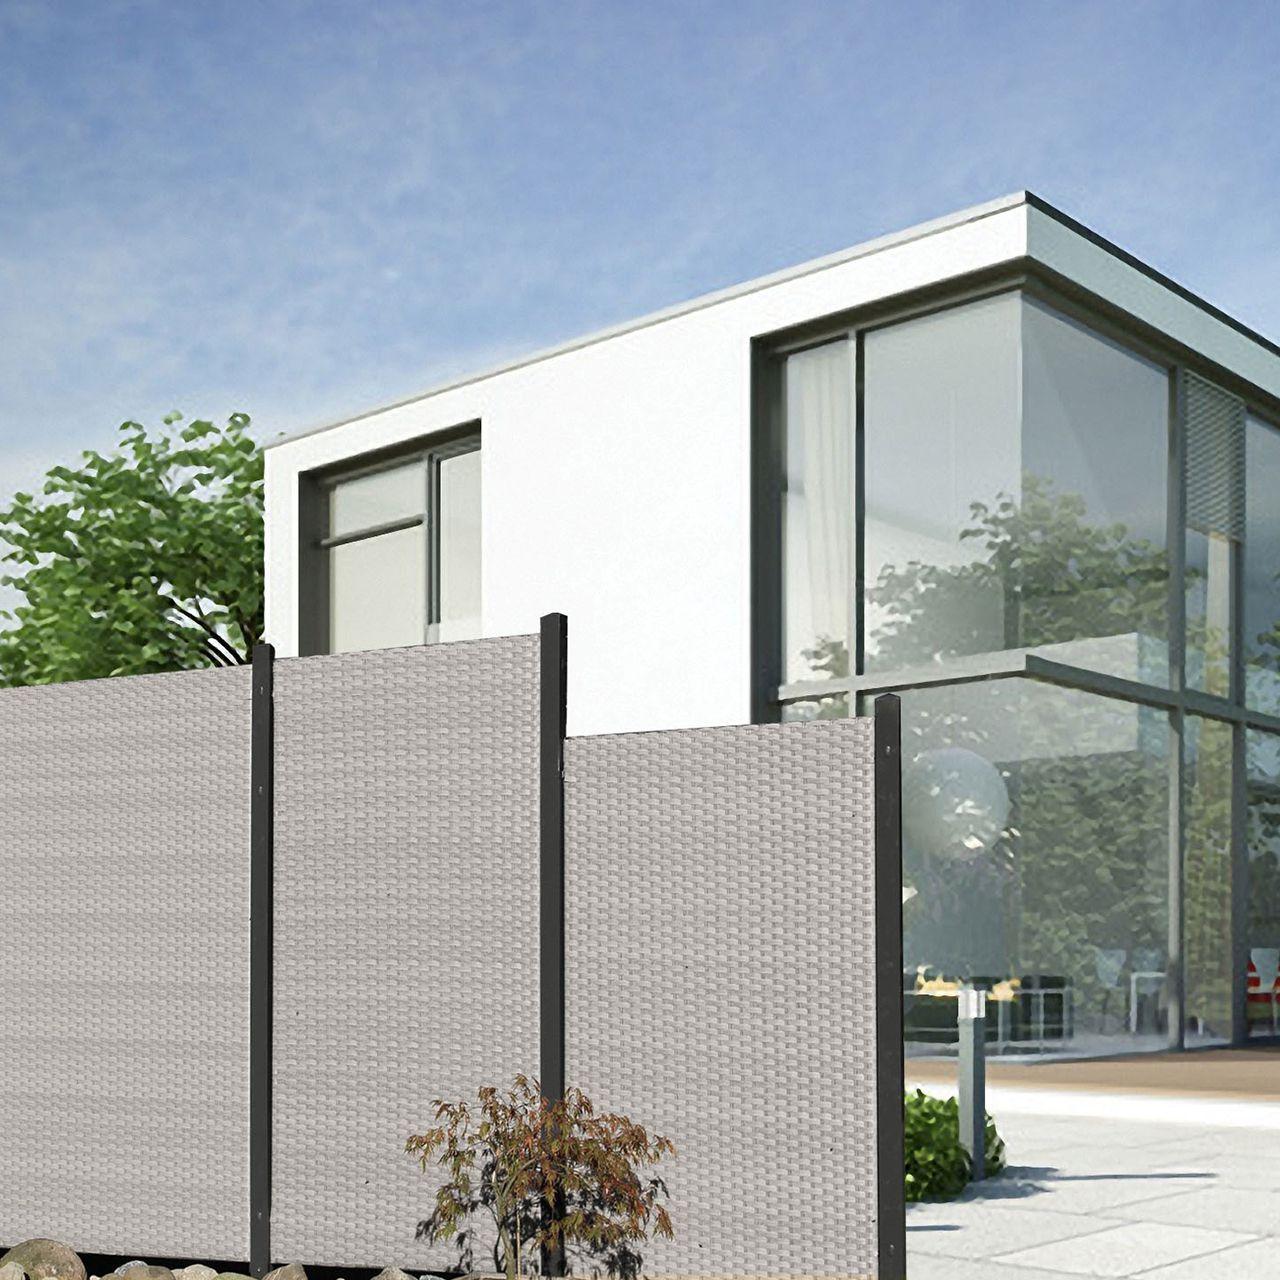 sichtschutz stoff terrasse finest with sichtschutz stoff terrasse amazing ein simpler. Black Bedroom Furniture Sets. Home Design Ideas